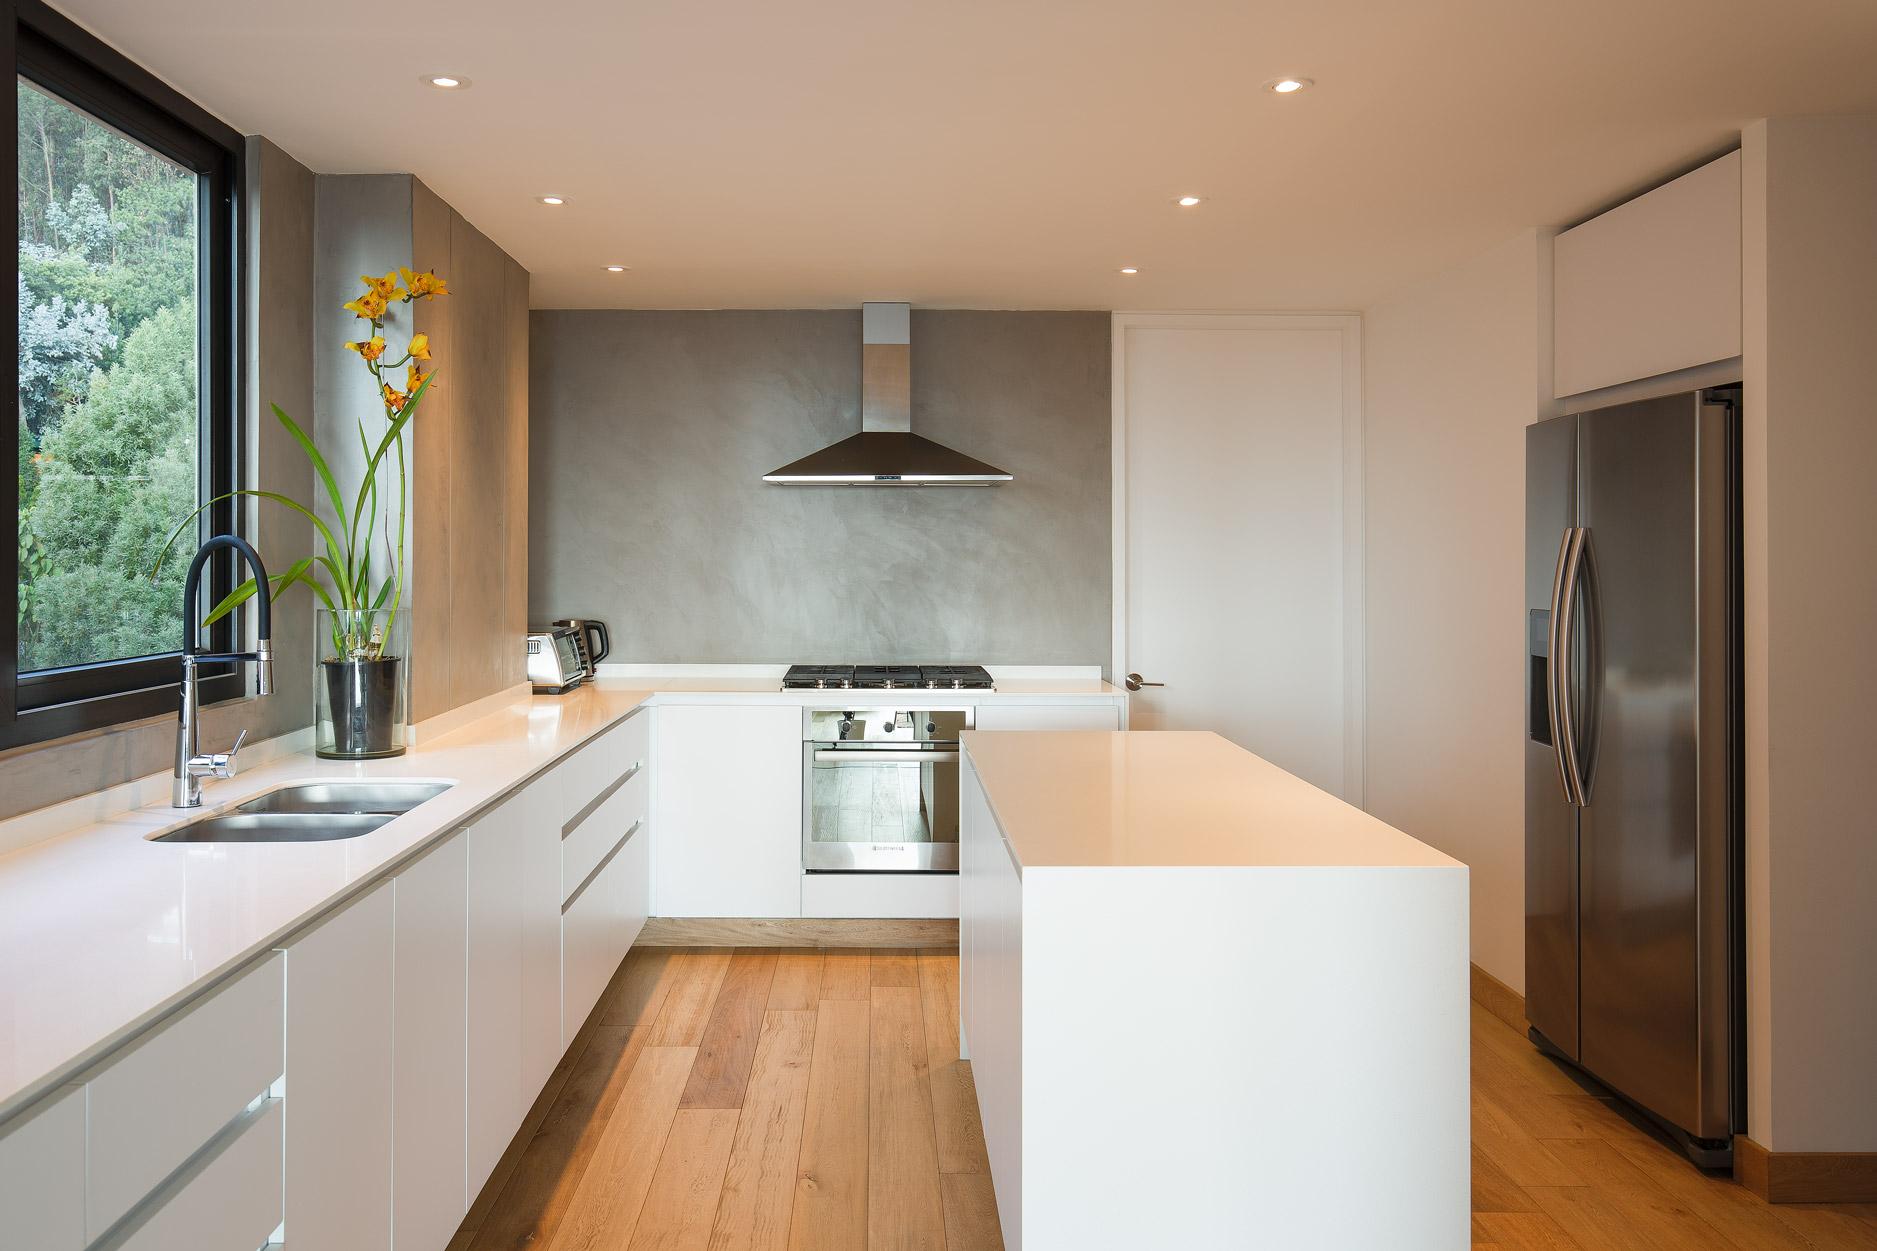 08.studiomanrique.simonbosch.photography.bogota.interior.duquearquitectura